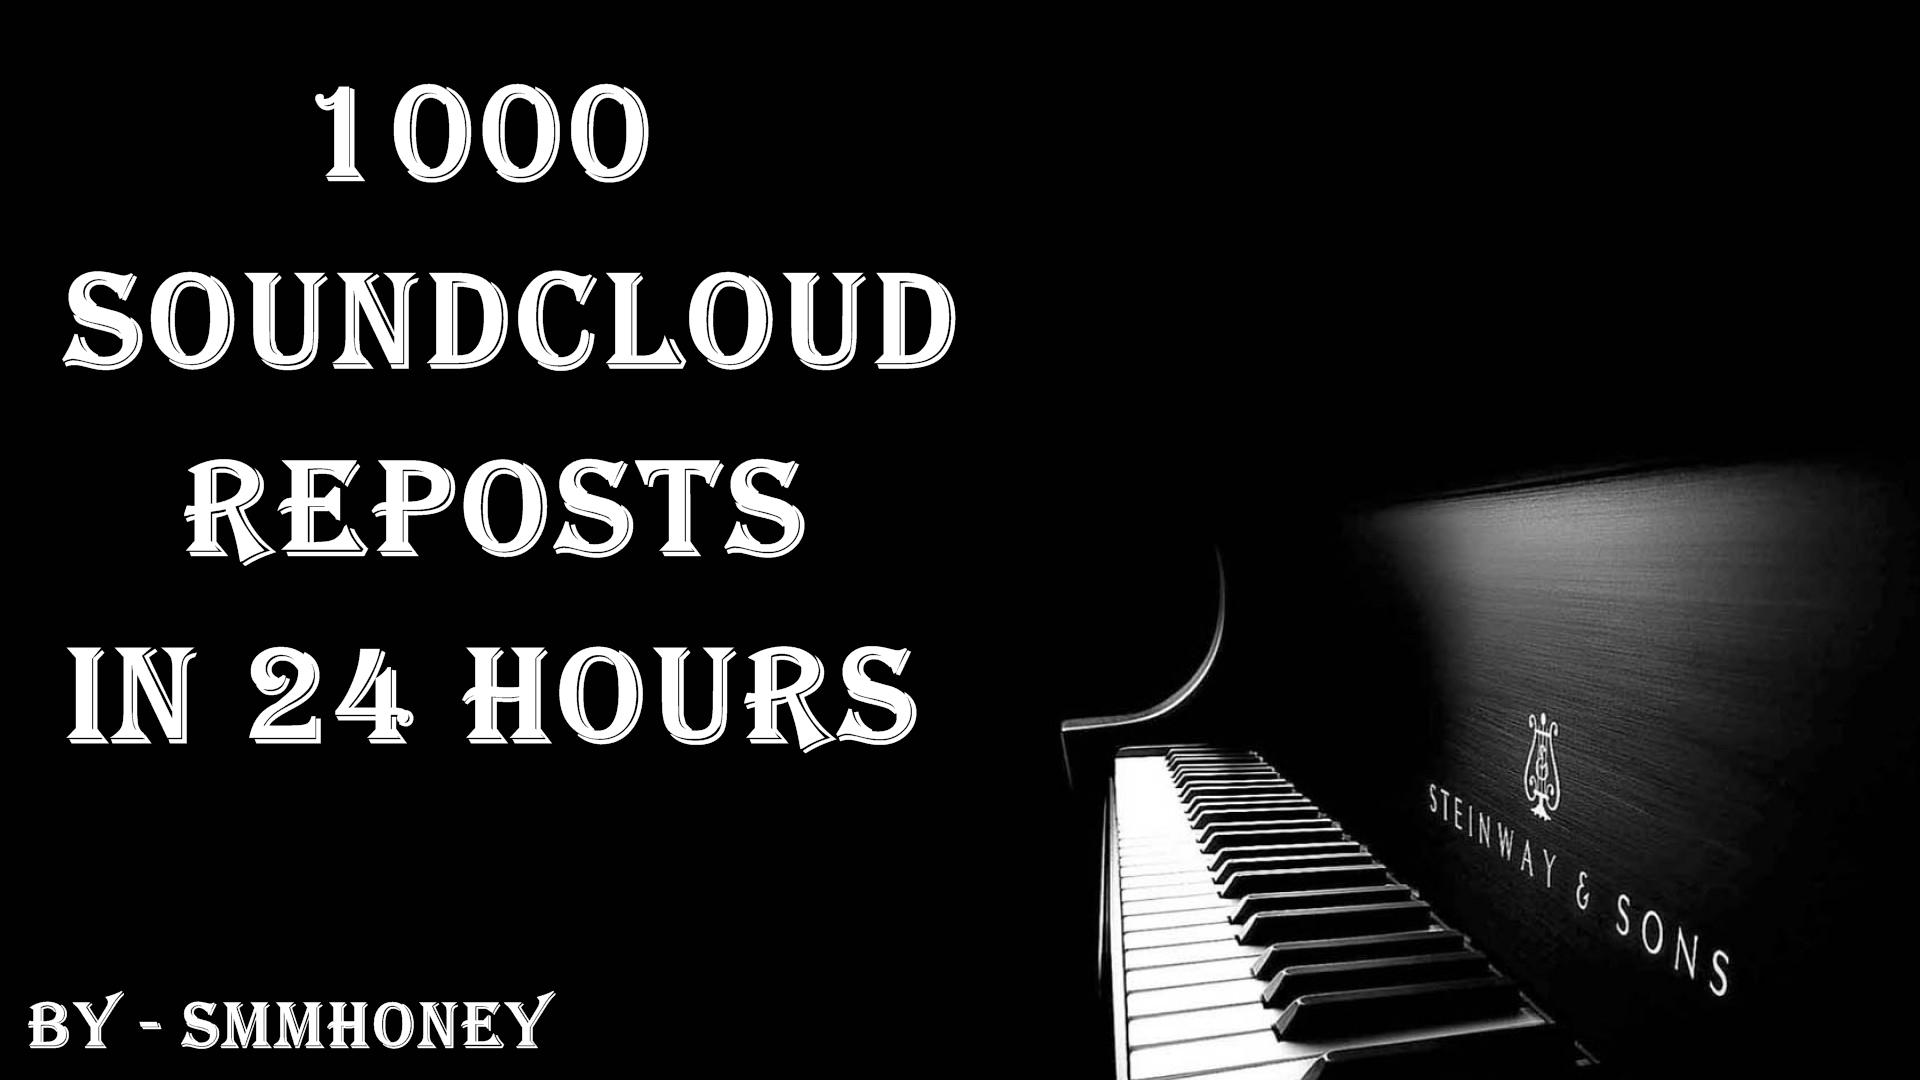 give u 1000+ sound cloud reposts